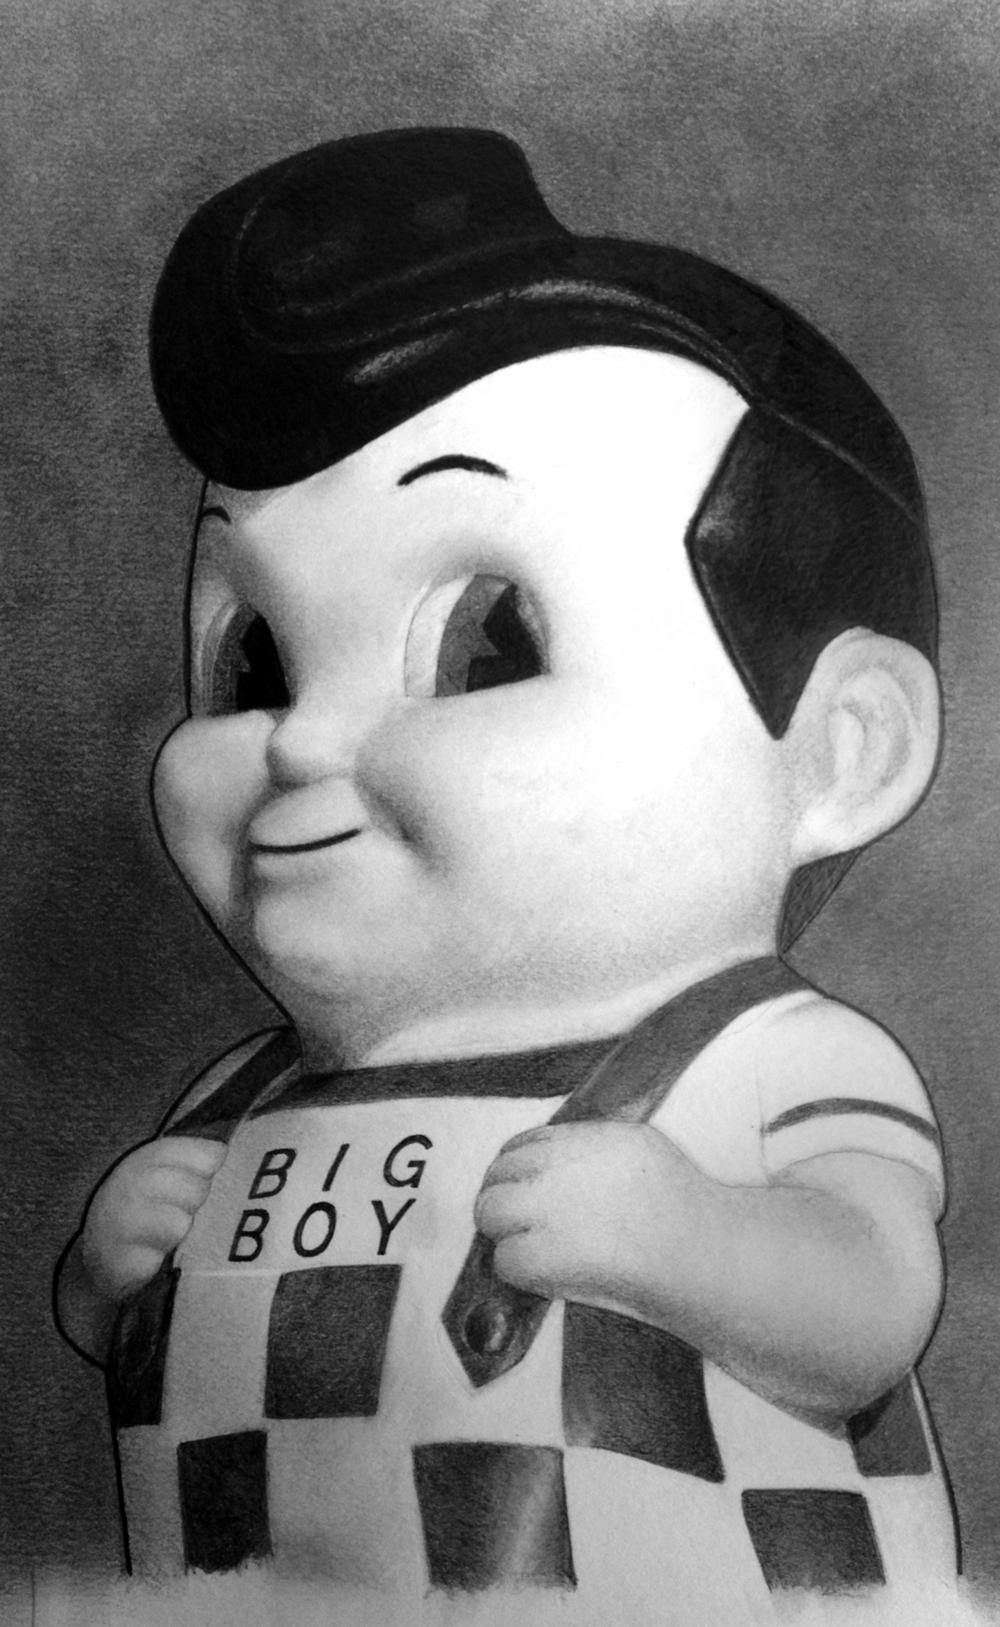 webbigboy2.jpg